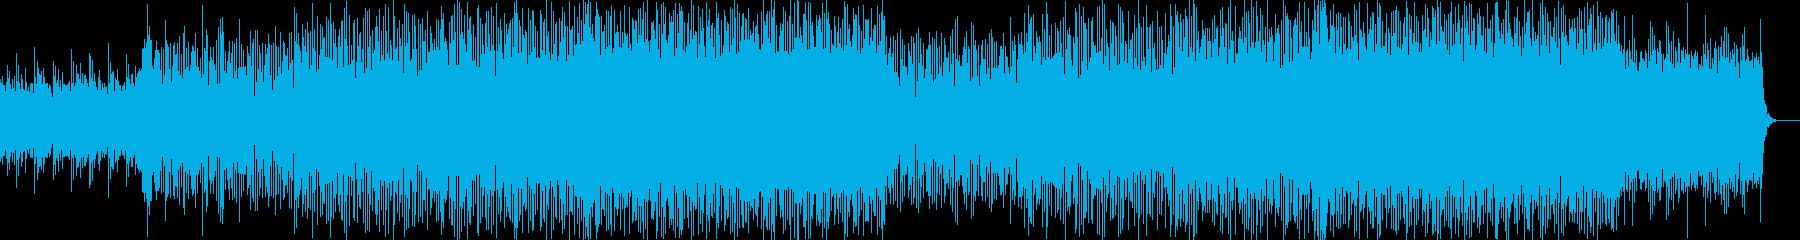 都会的で現代的な軽快なテクノ-03の再生済みの波形